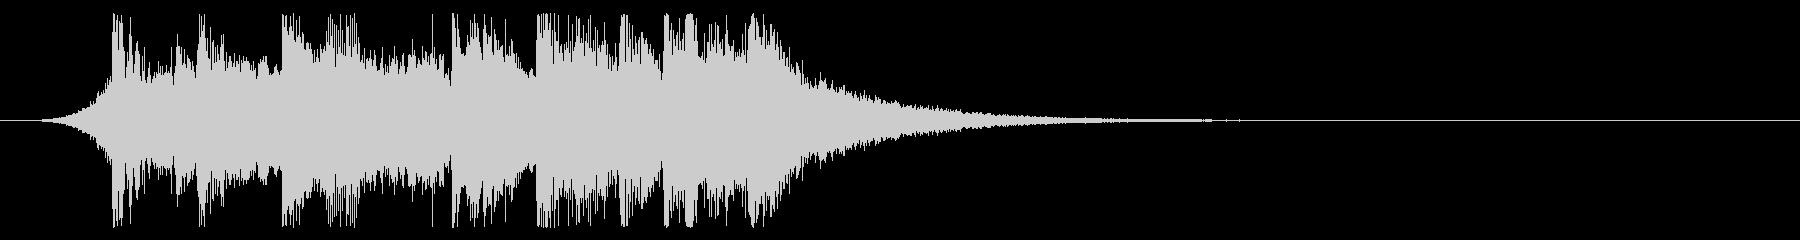 ポップ&キュートなエモいEDMジングル1の未再生の波形